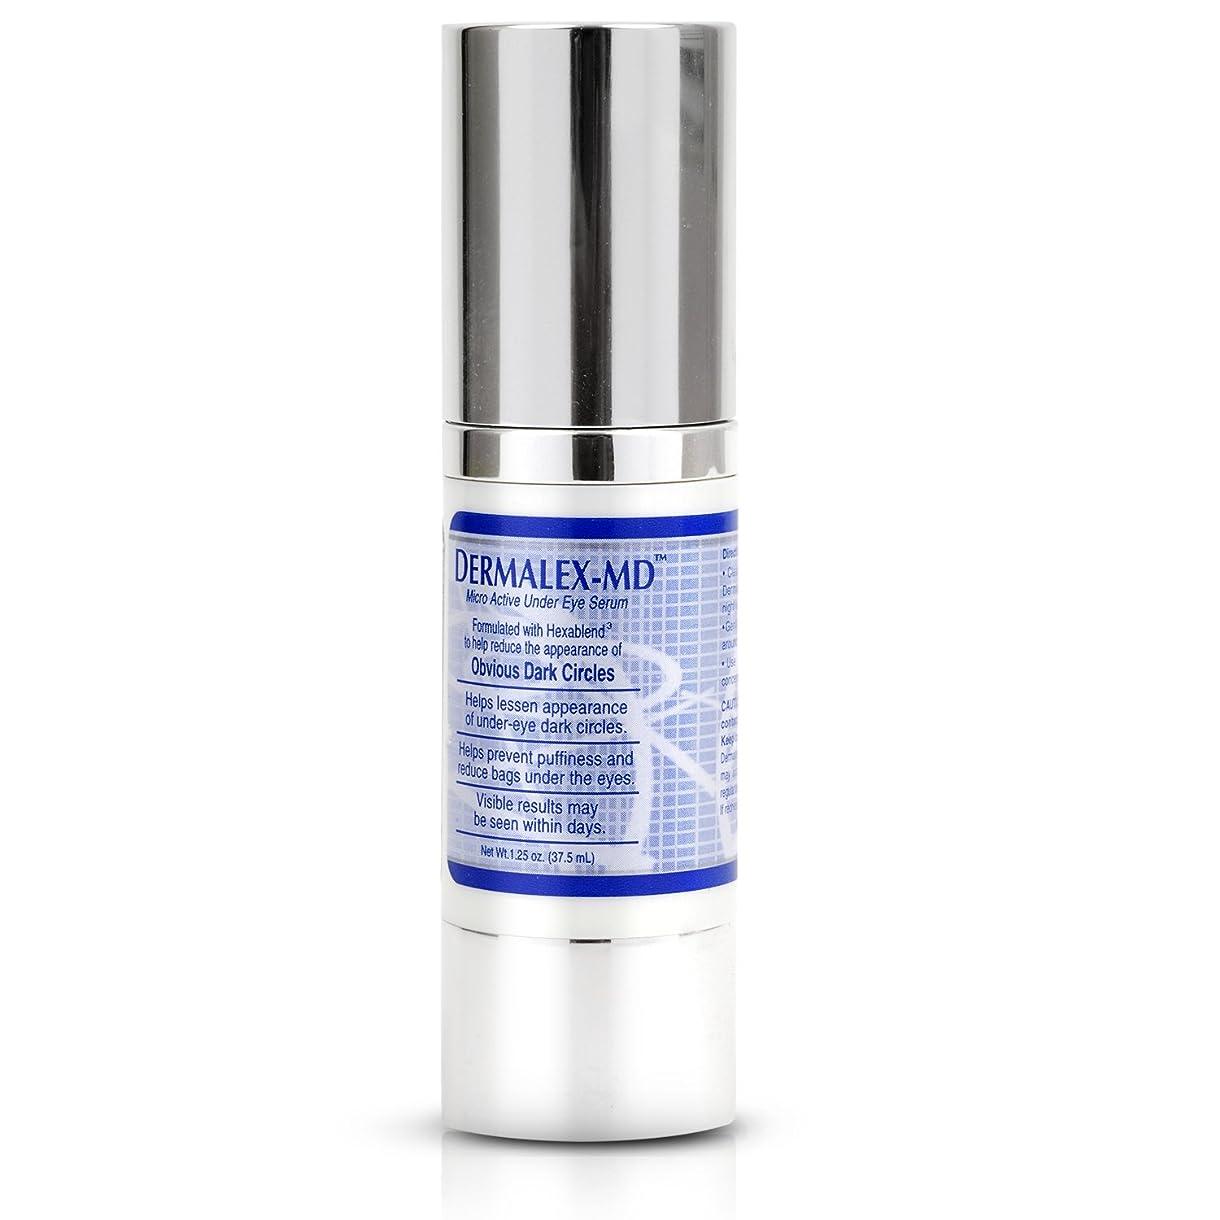 上向き乳剤開発ダーマレックスMD アンダーアイセラム 37.5ml Dermalex-MD Under Eye Serum 1.25oz [海外直送品][並行輸入品]